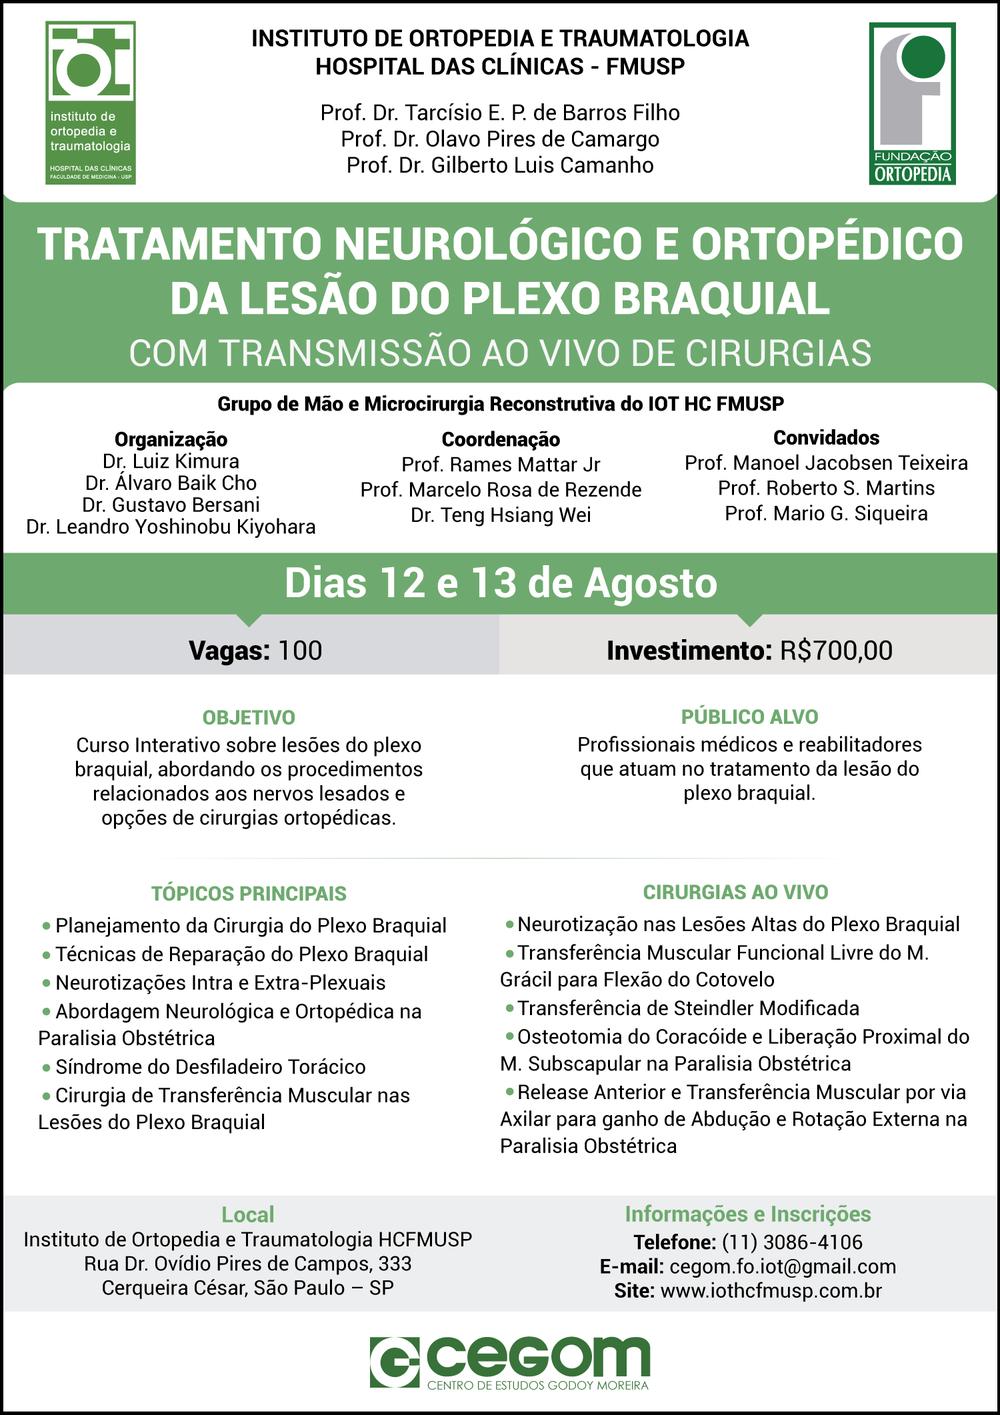 Tratamento-Neurologico-e-Ortopedico s-da-Lesão-do-Plexo-Braquial (1).jpg